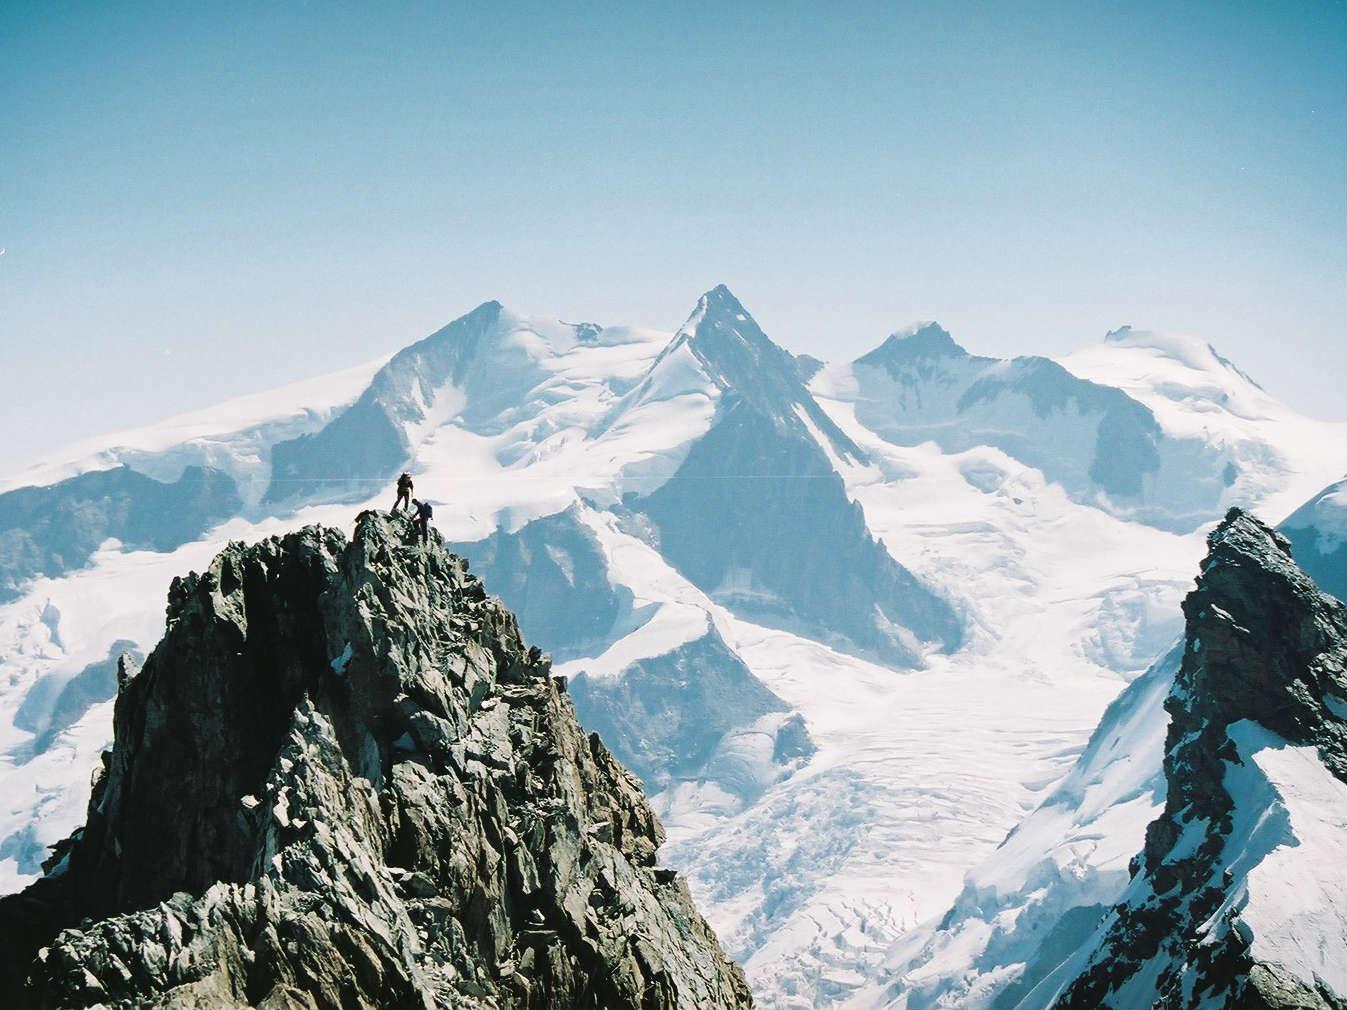 モンテローザ(ヘリ利用)登頂 8日間